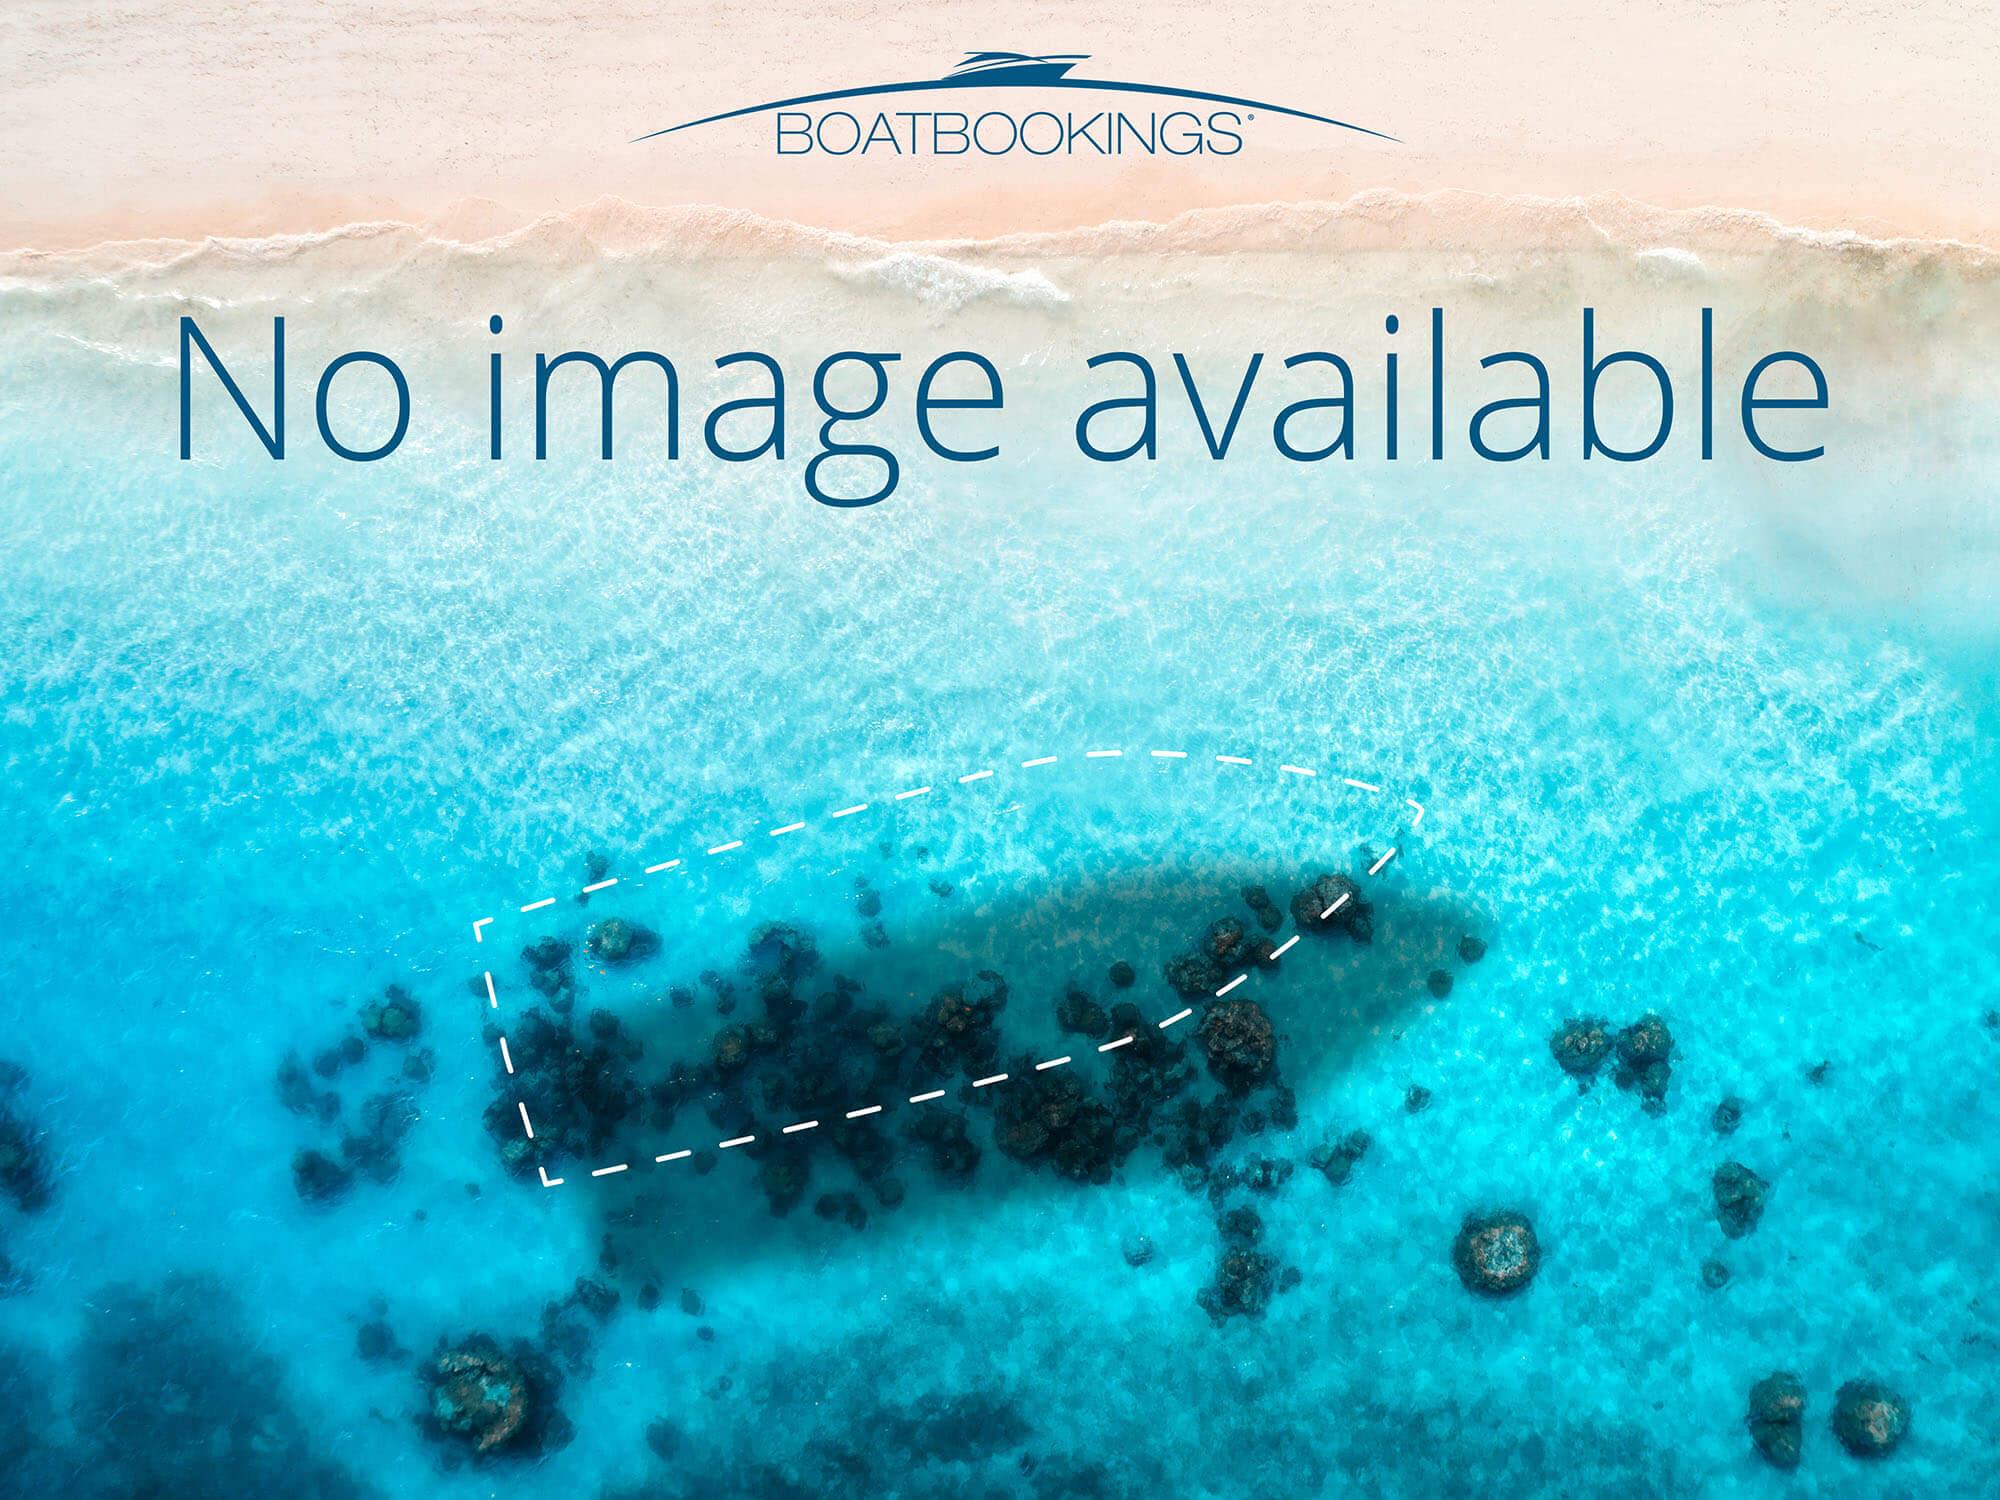 bahamas, Exumas yacht charter, sailing itinerary